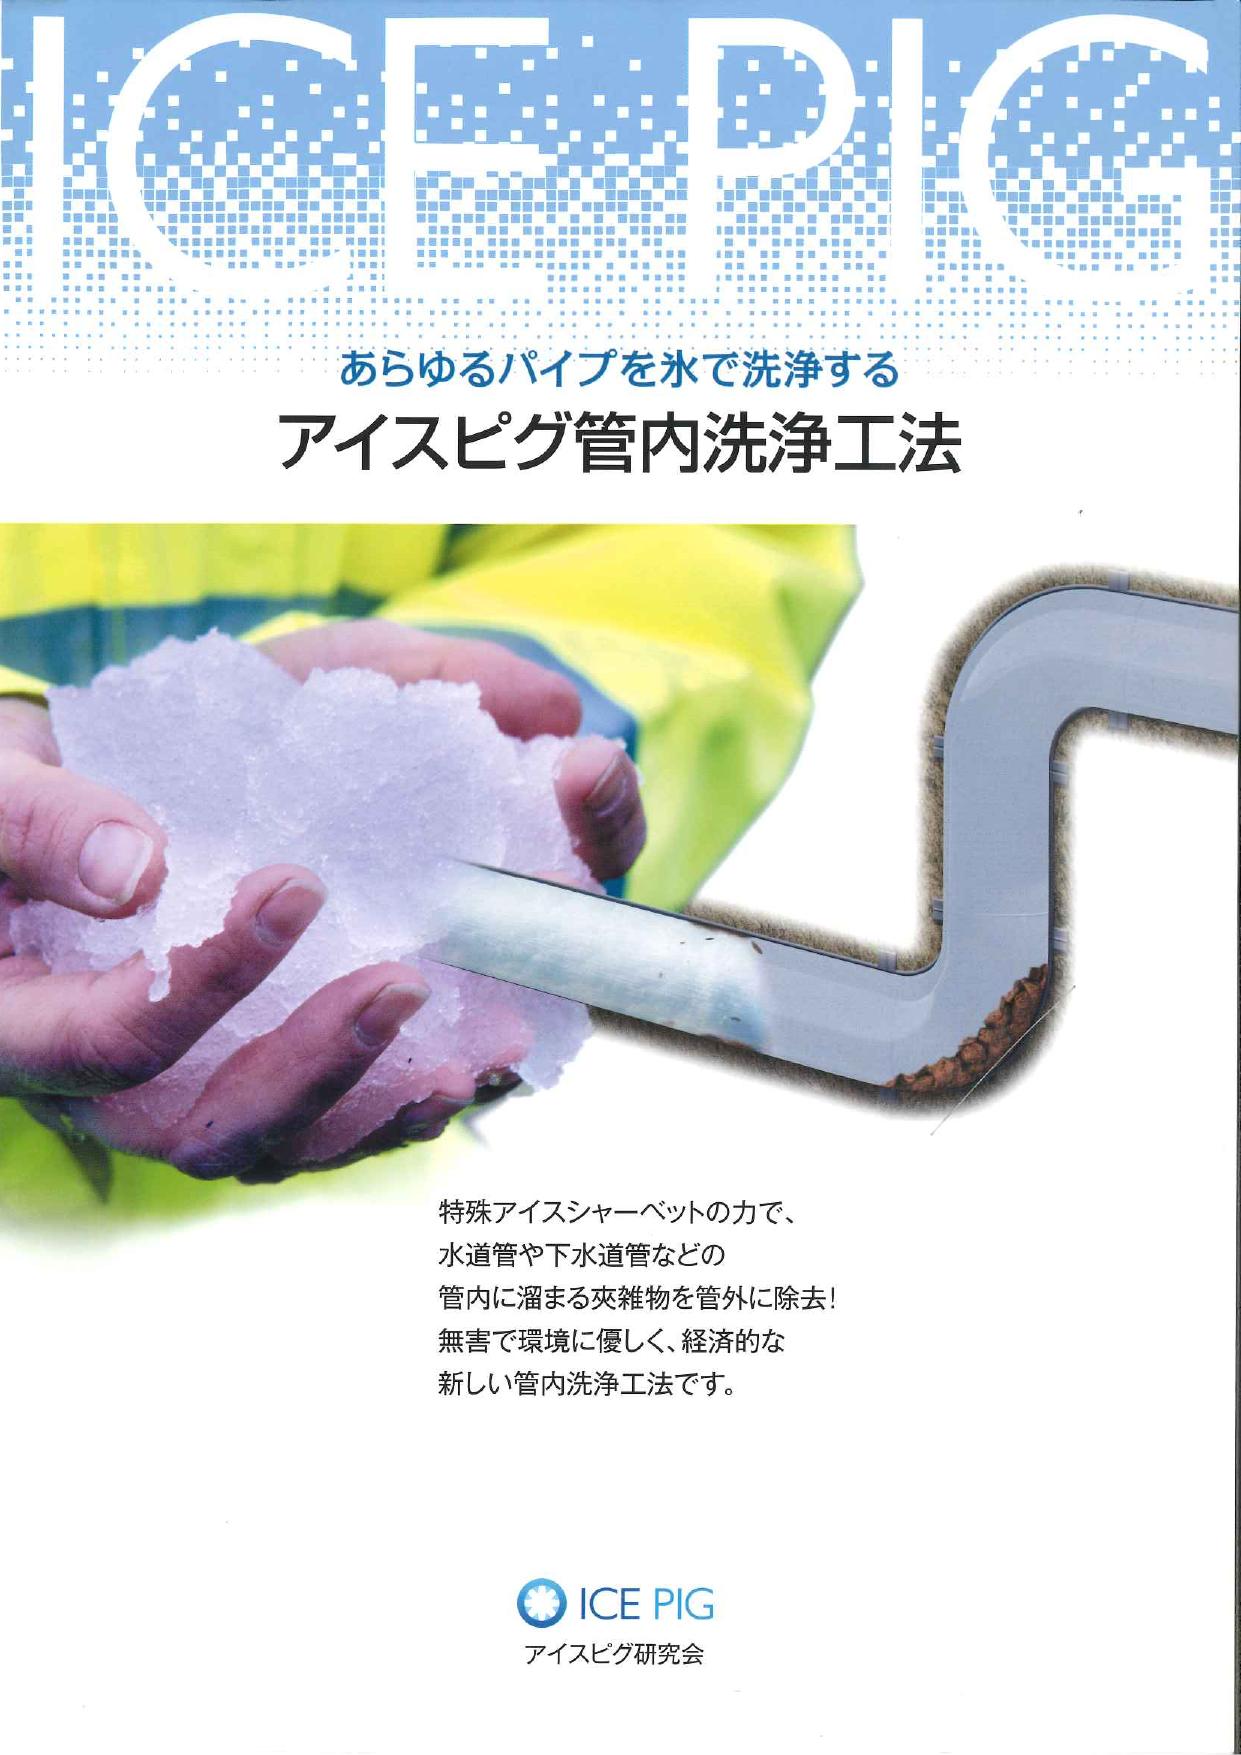 あらゆるパイプを氷で洗浄する アイスピグ管内洗浄工法